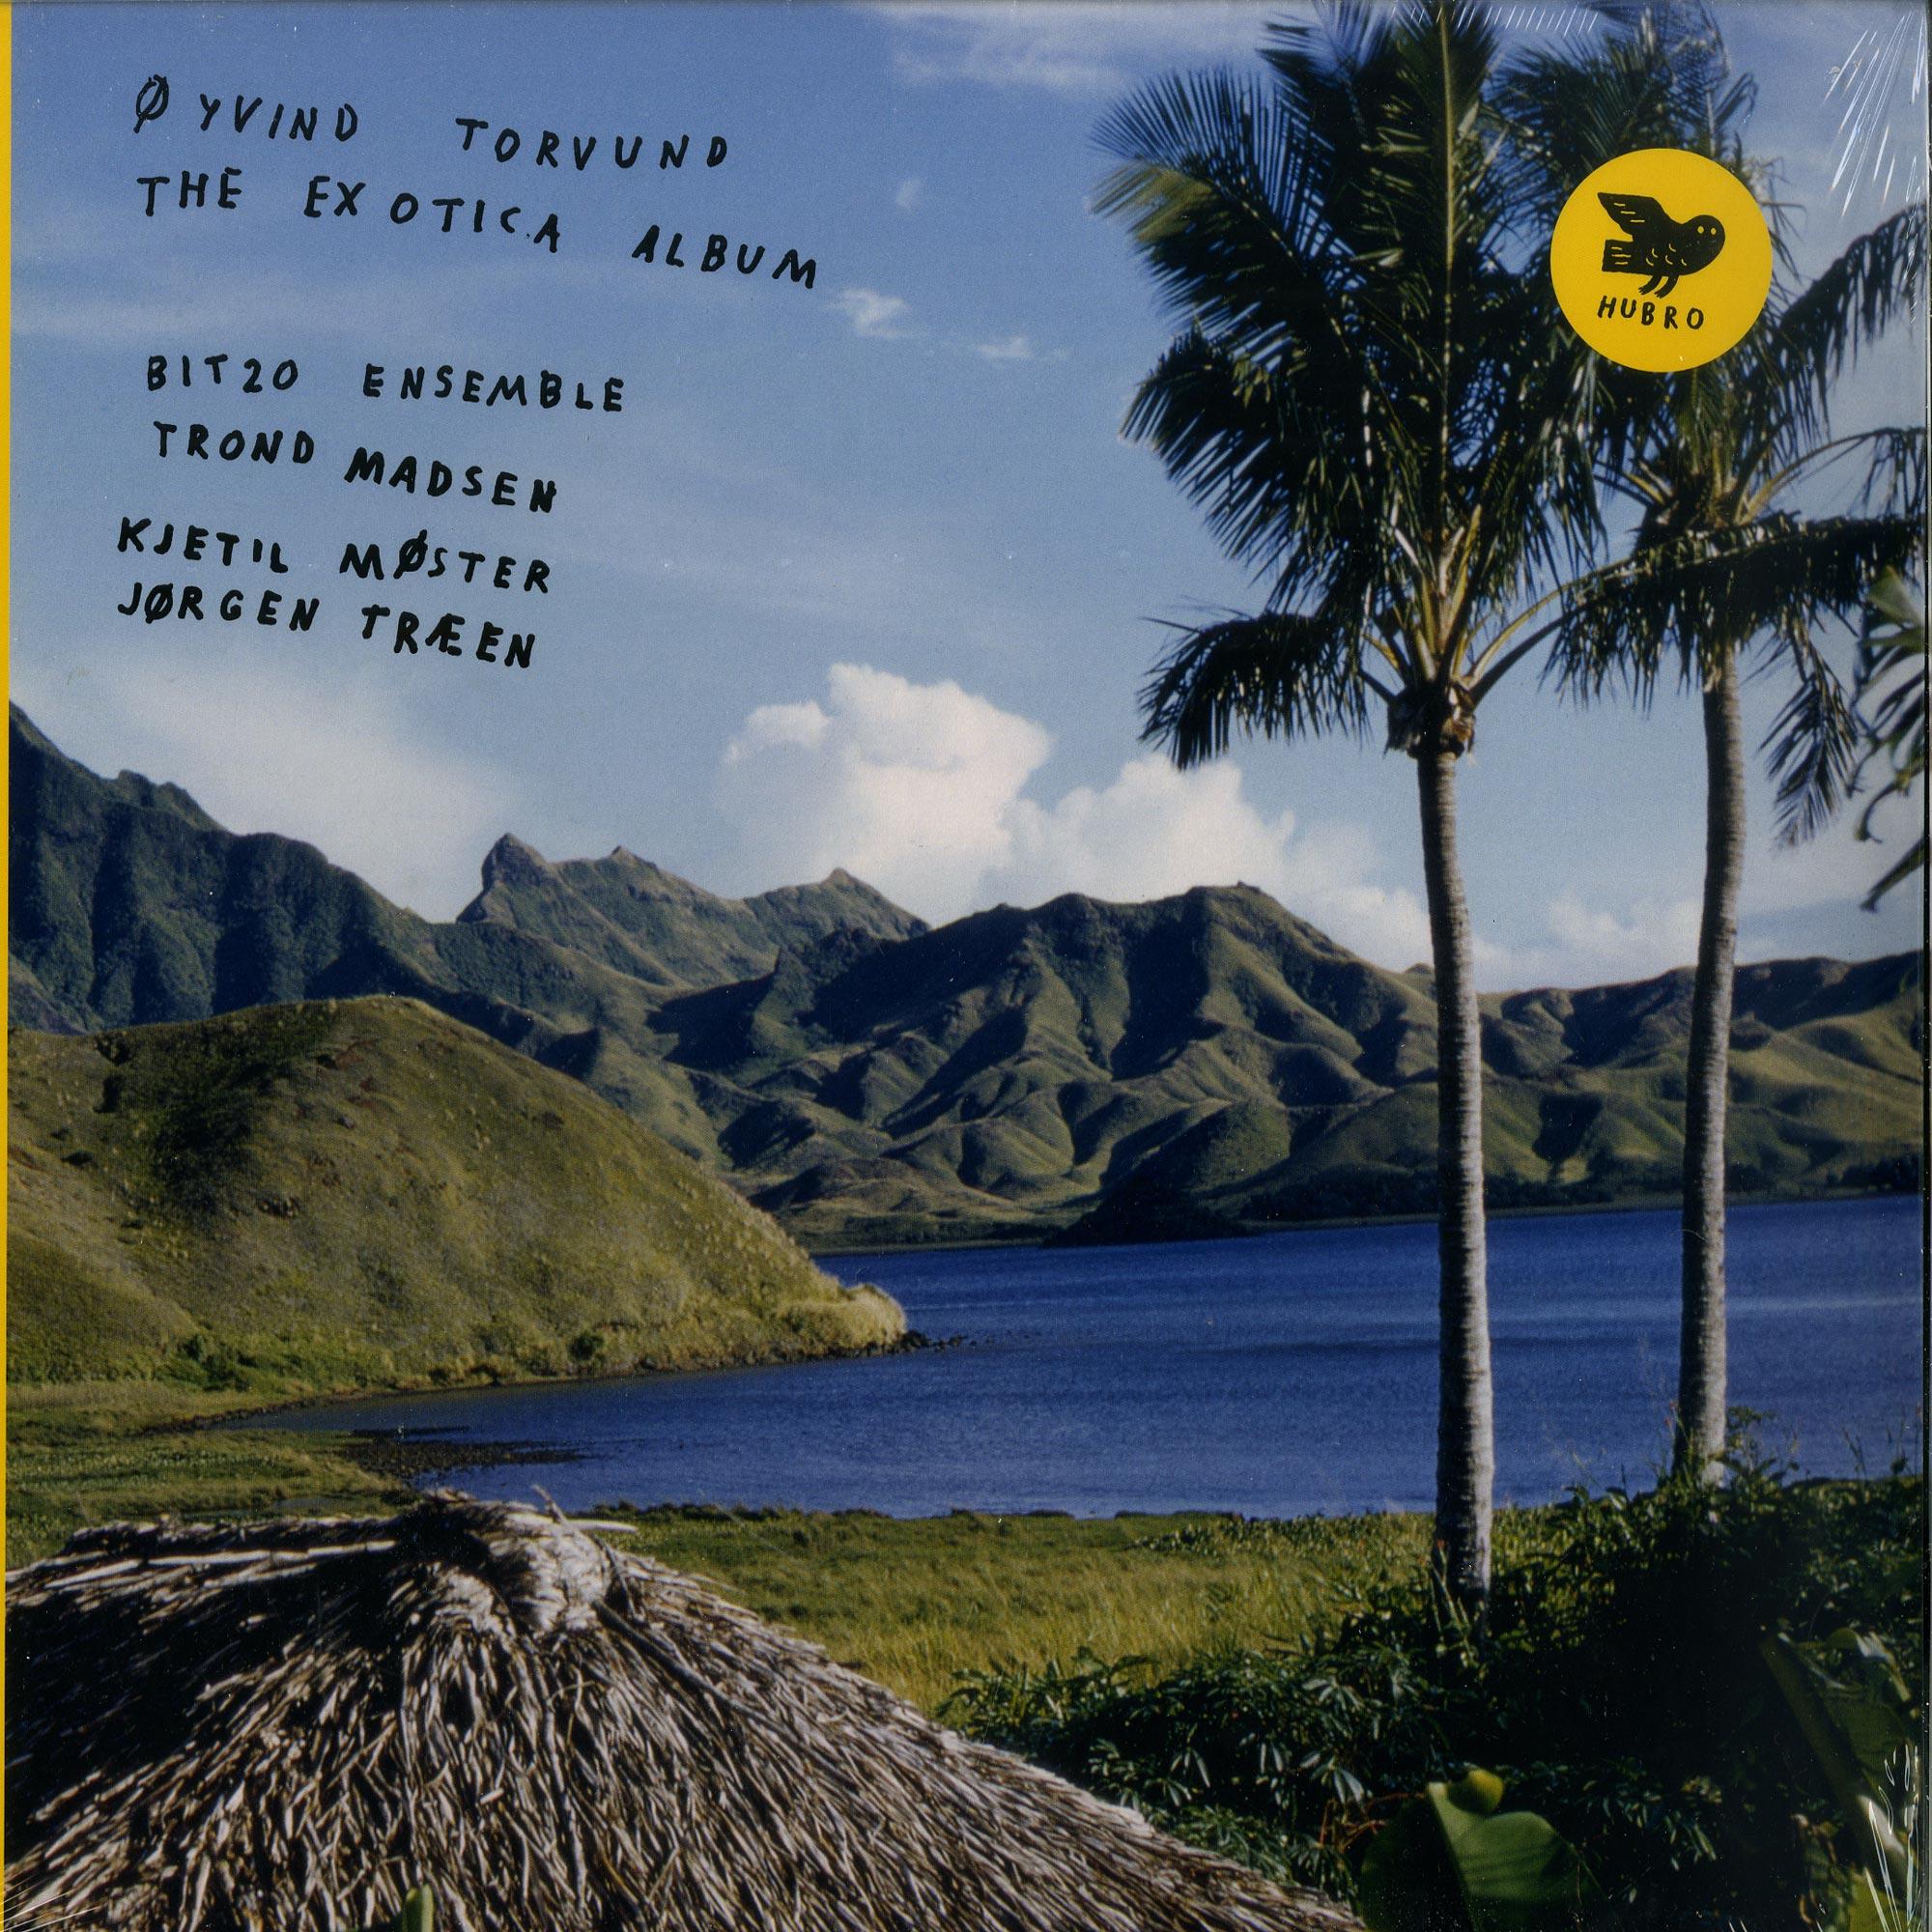 Oyvind Torvund - THE EXOTICA ALBUM